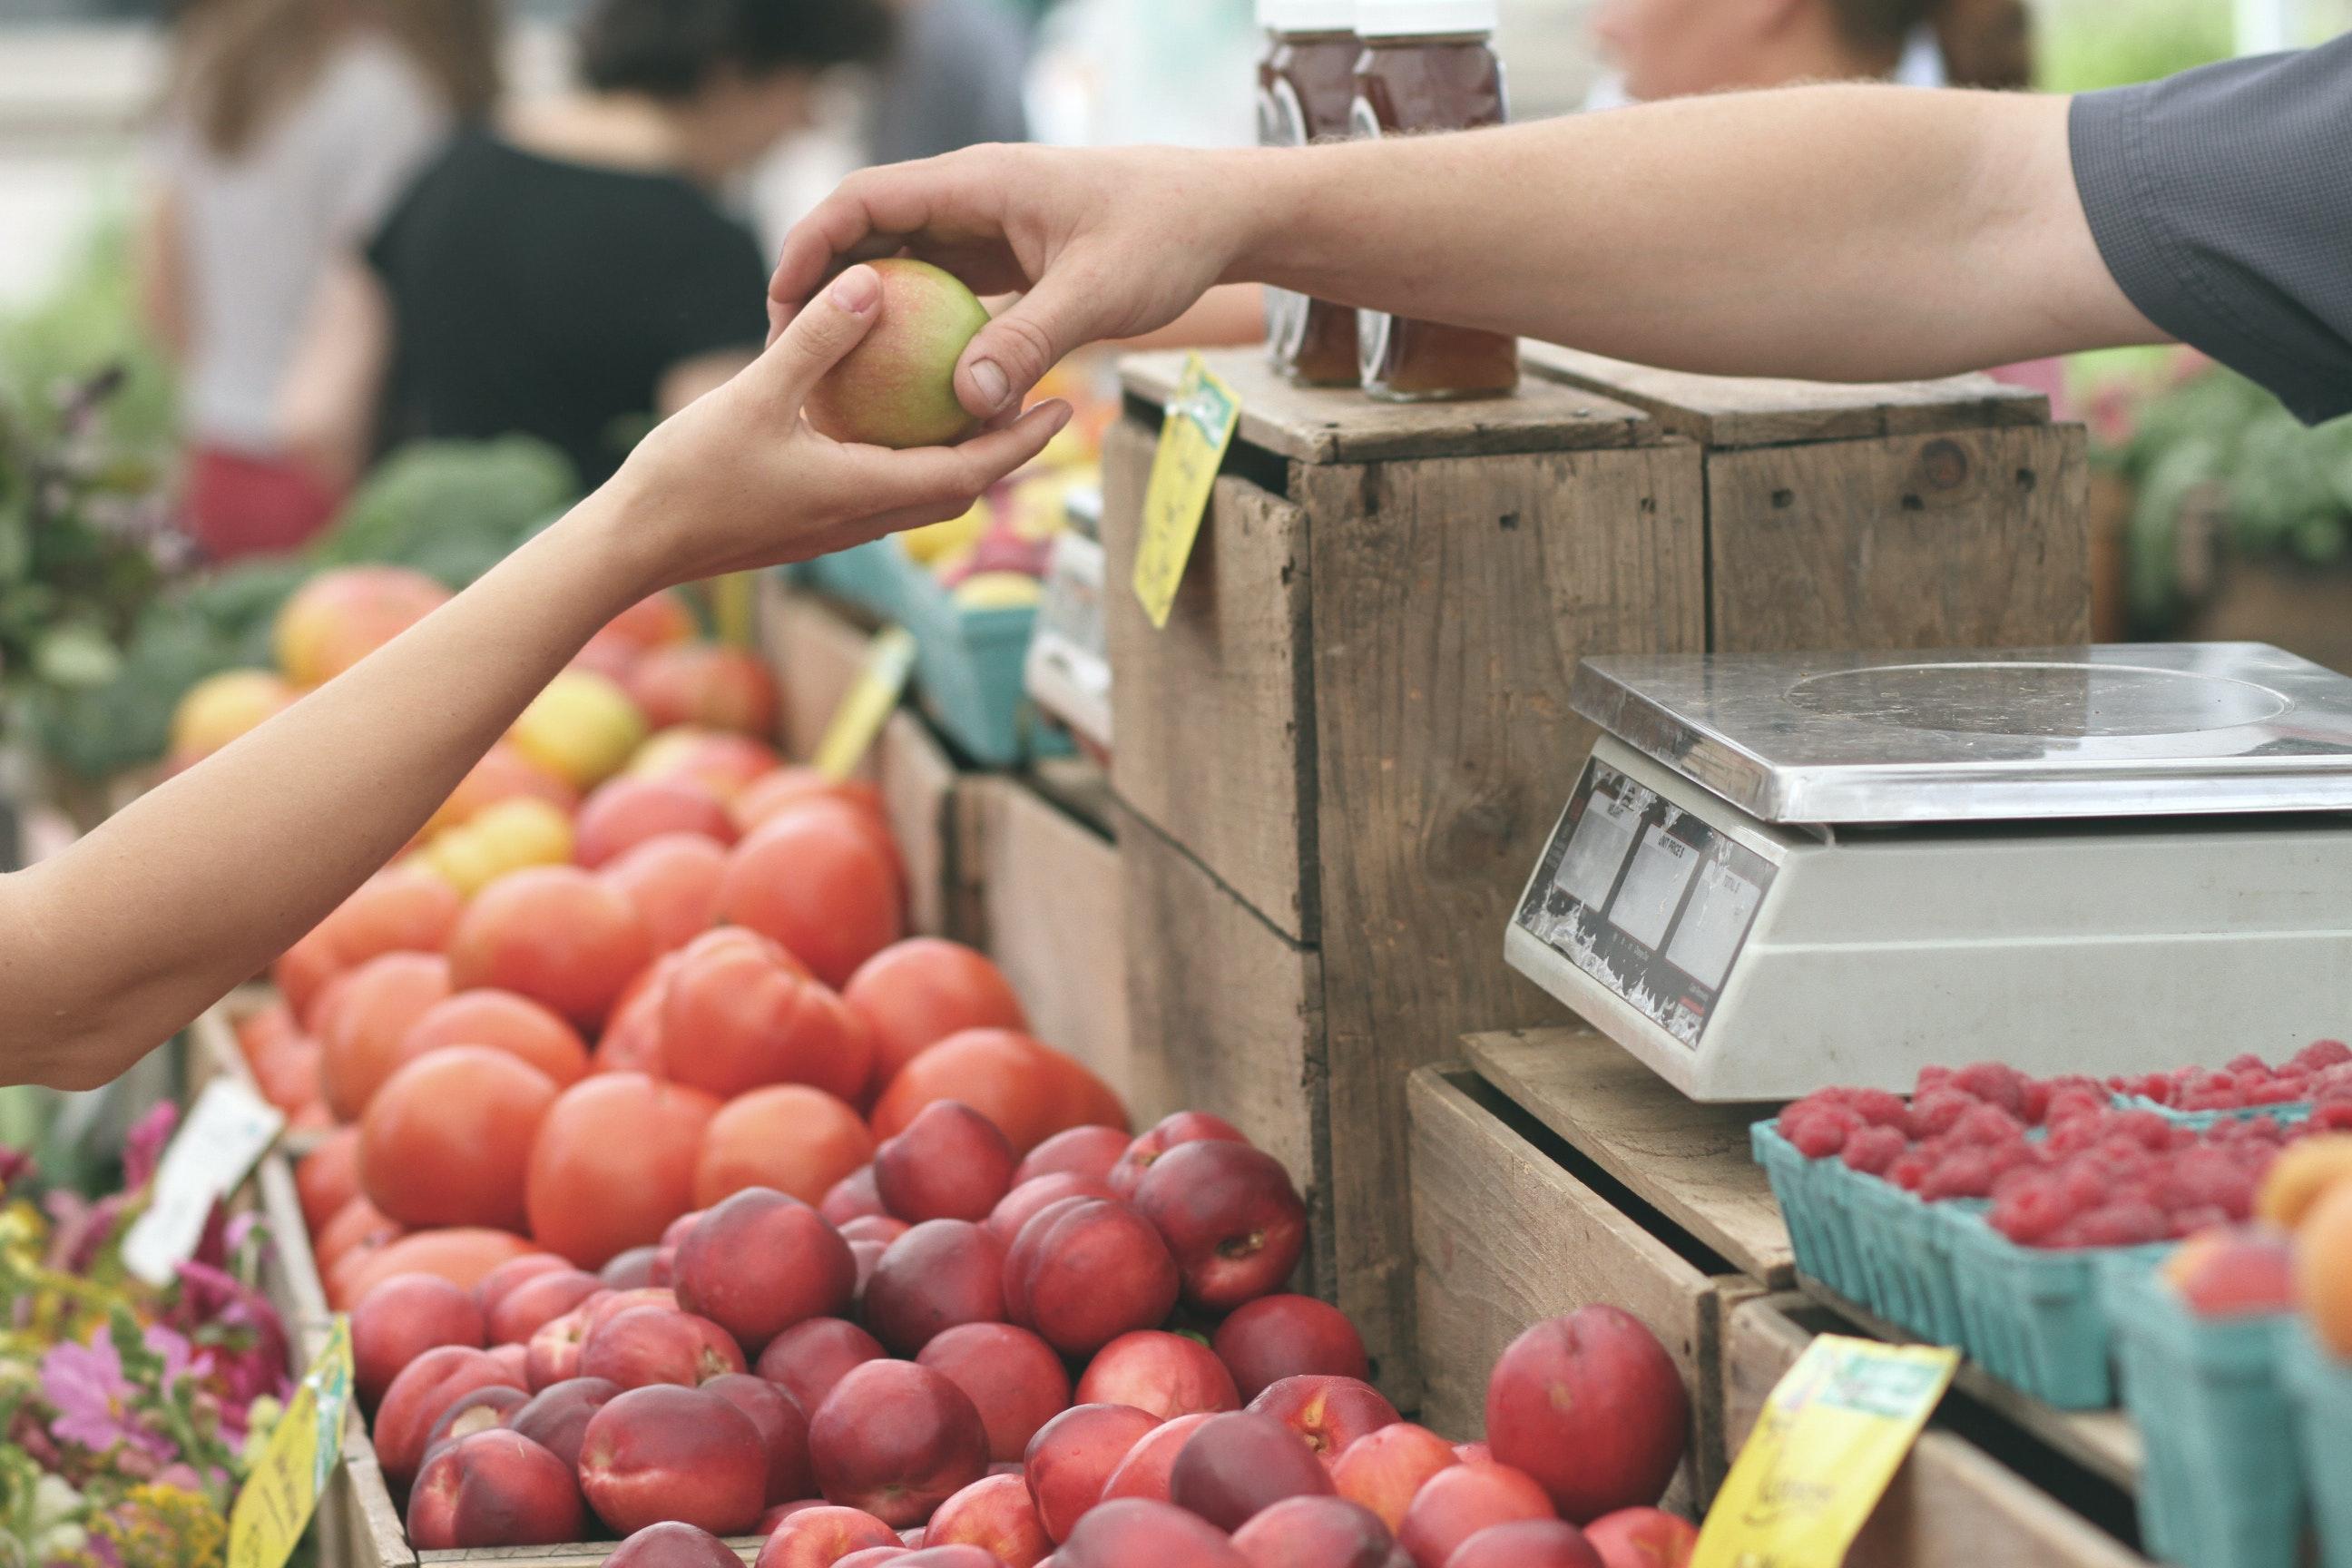 zöldség, gyümölcs, vitaminok, egészséges étrend